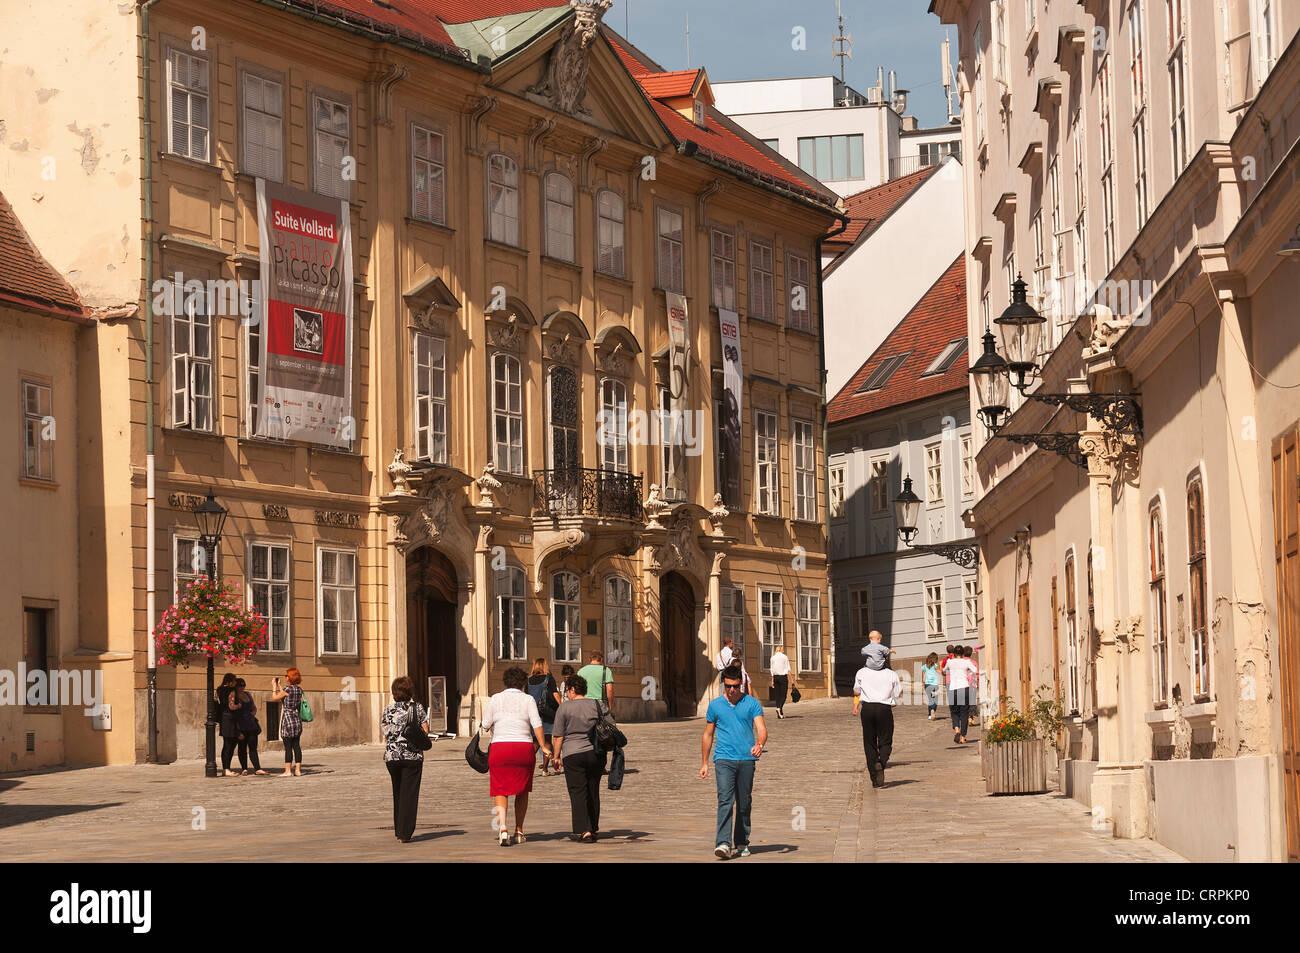 Elk189-1096 Slovakia, Bratislava, Mirbach Palace - Stock Image